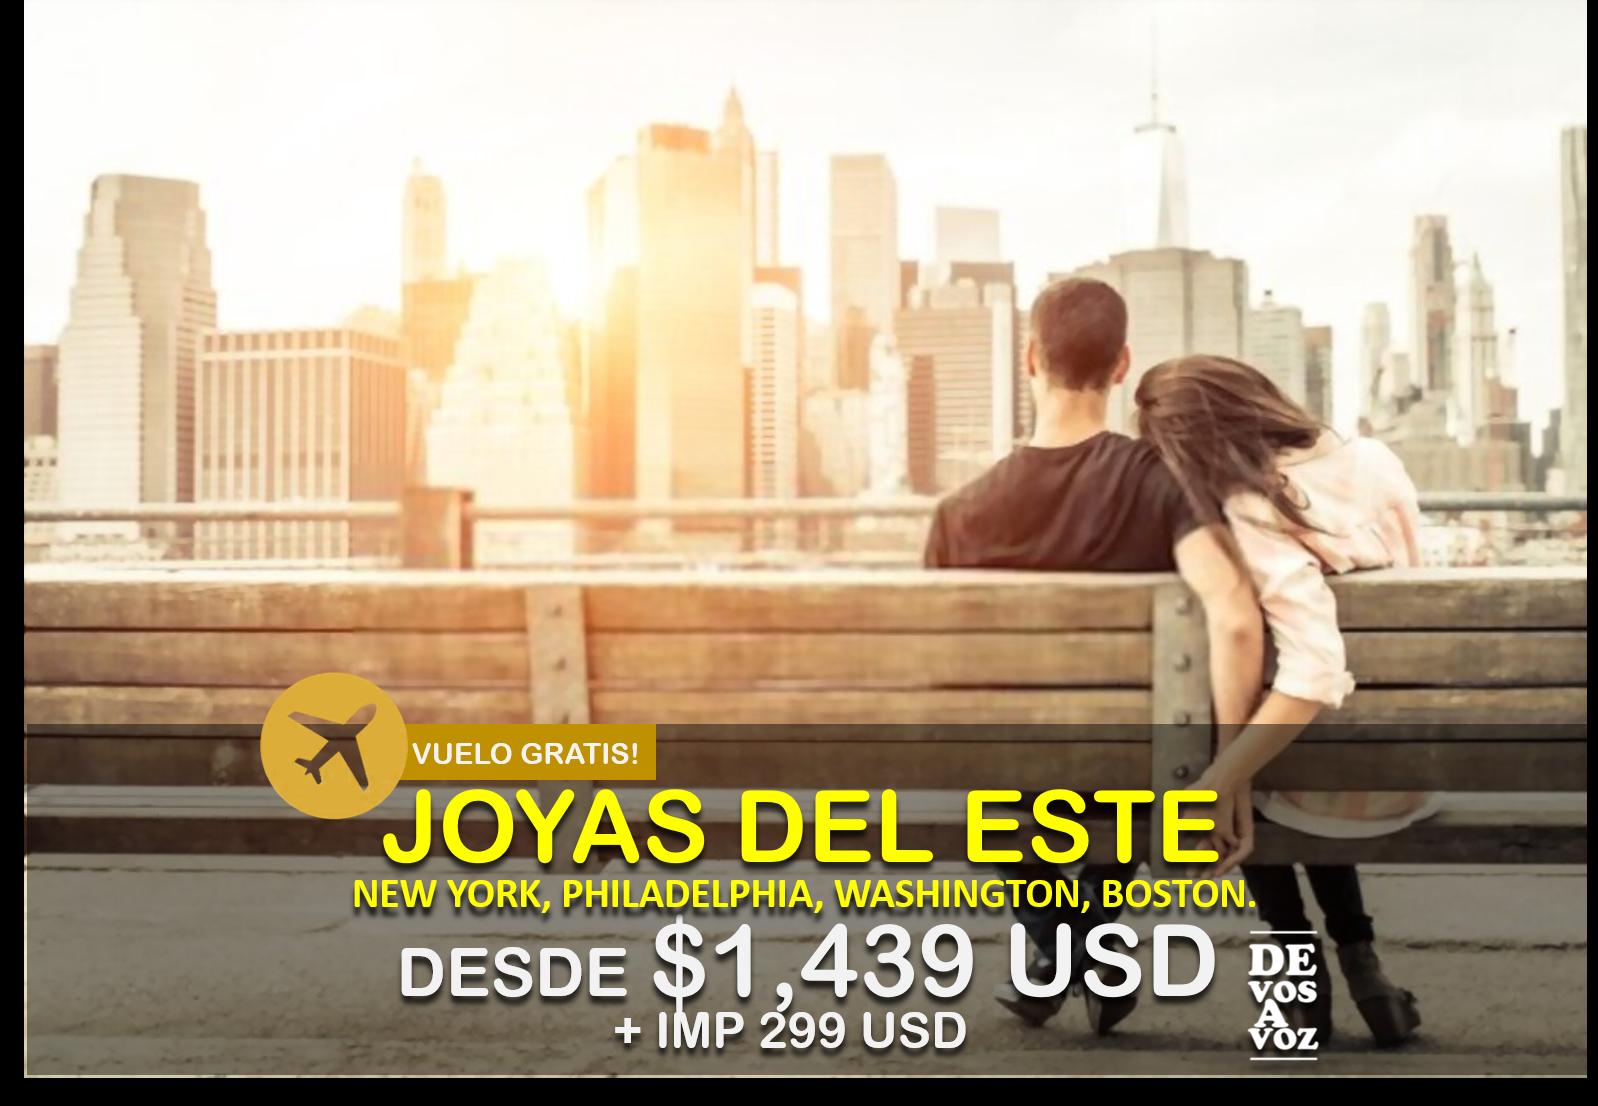 JOYAS DEL ESTE